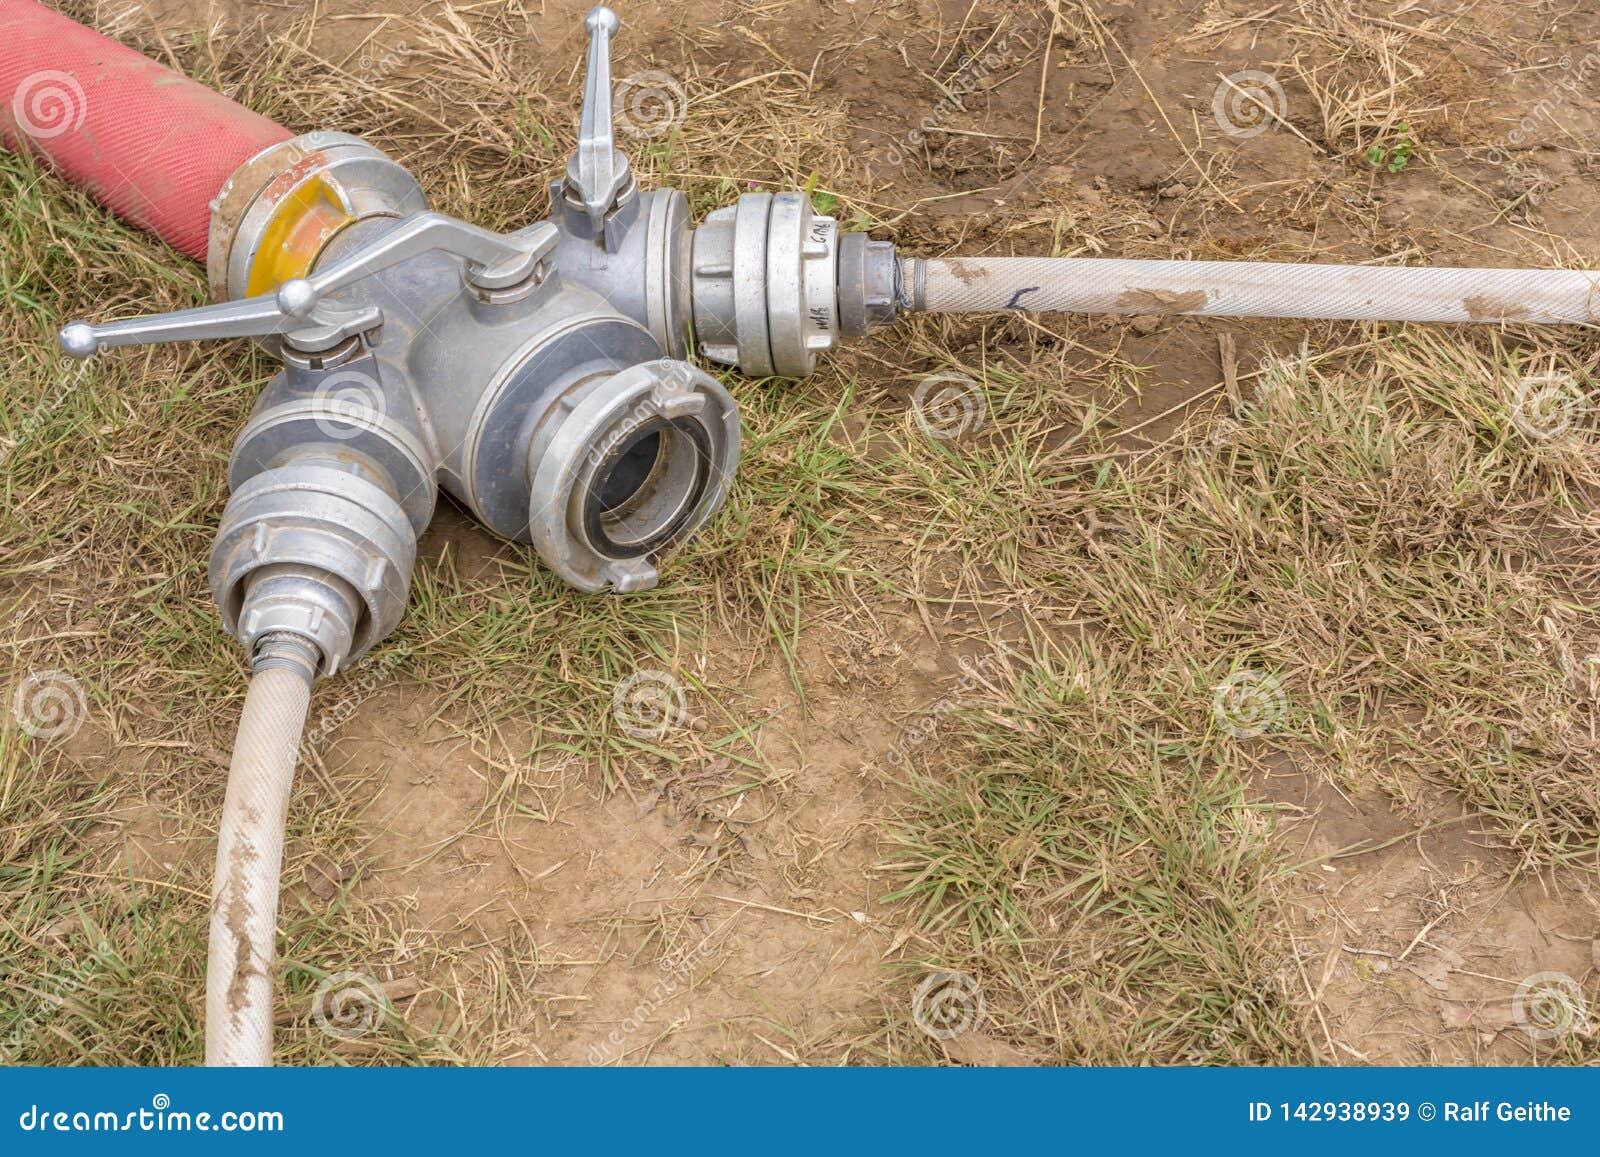 Brandkårkoppling för fördelande släckande vatten till flera slangar